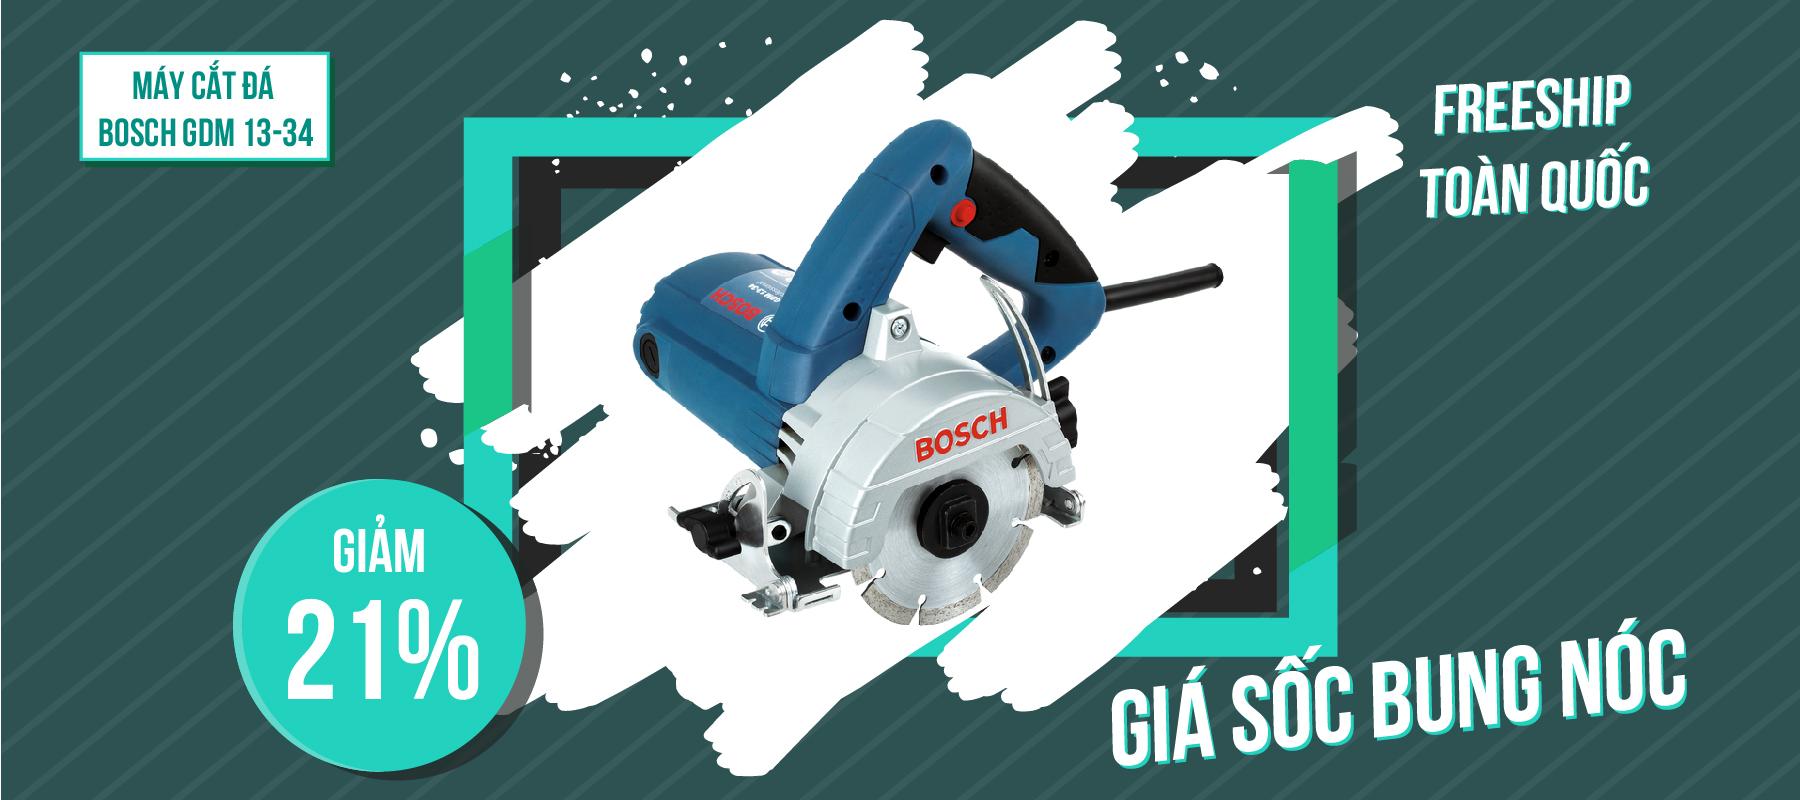 Khuyến Mãi Máy Cắt Đá Bosch GDM 13-34